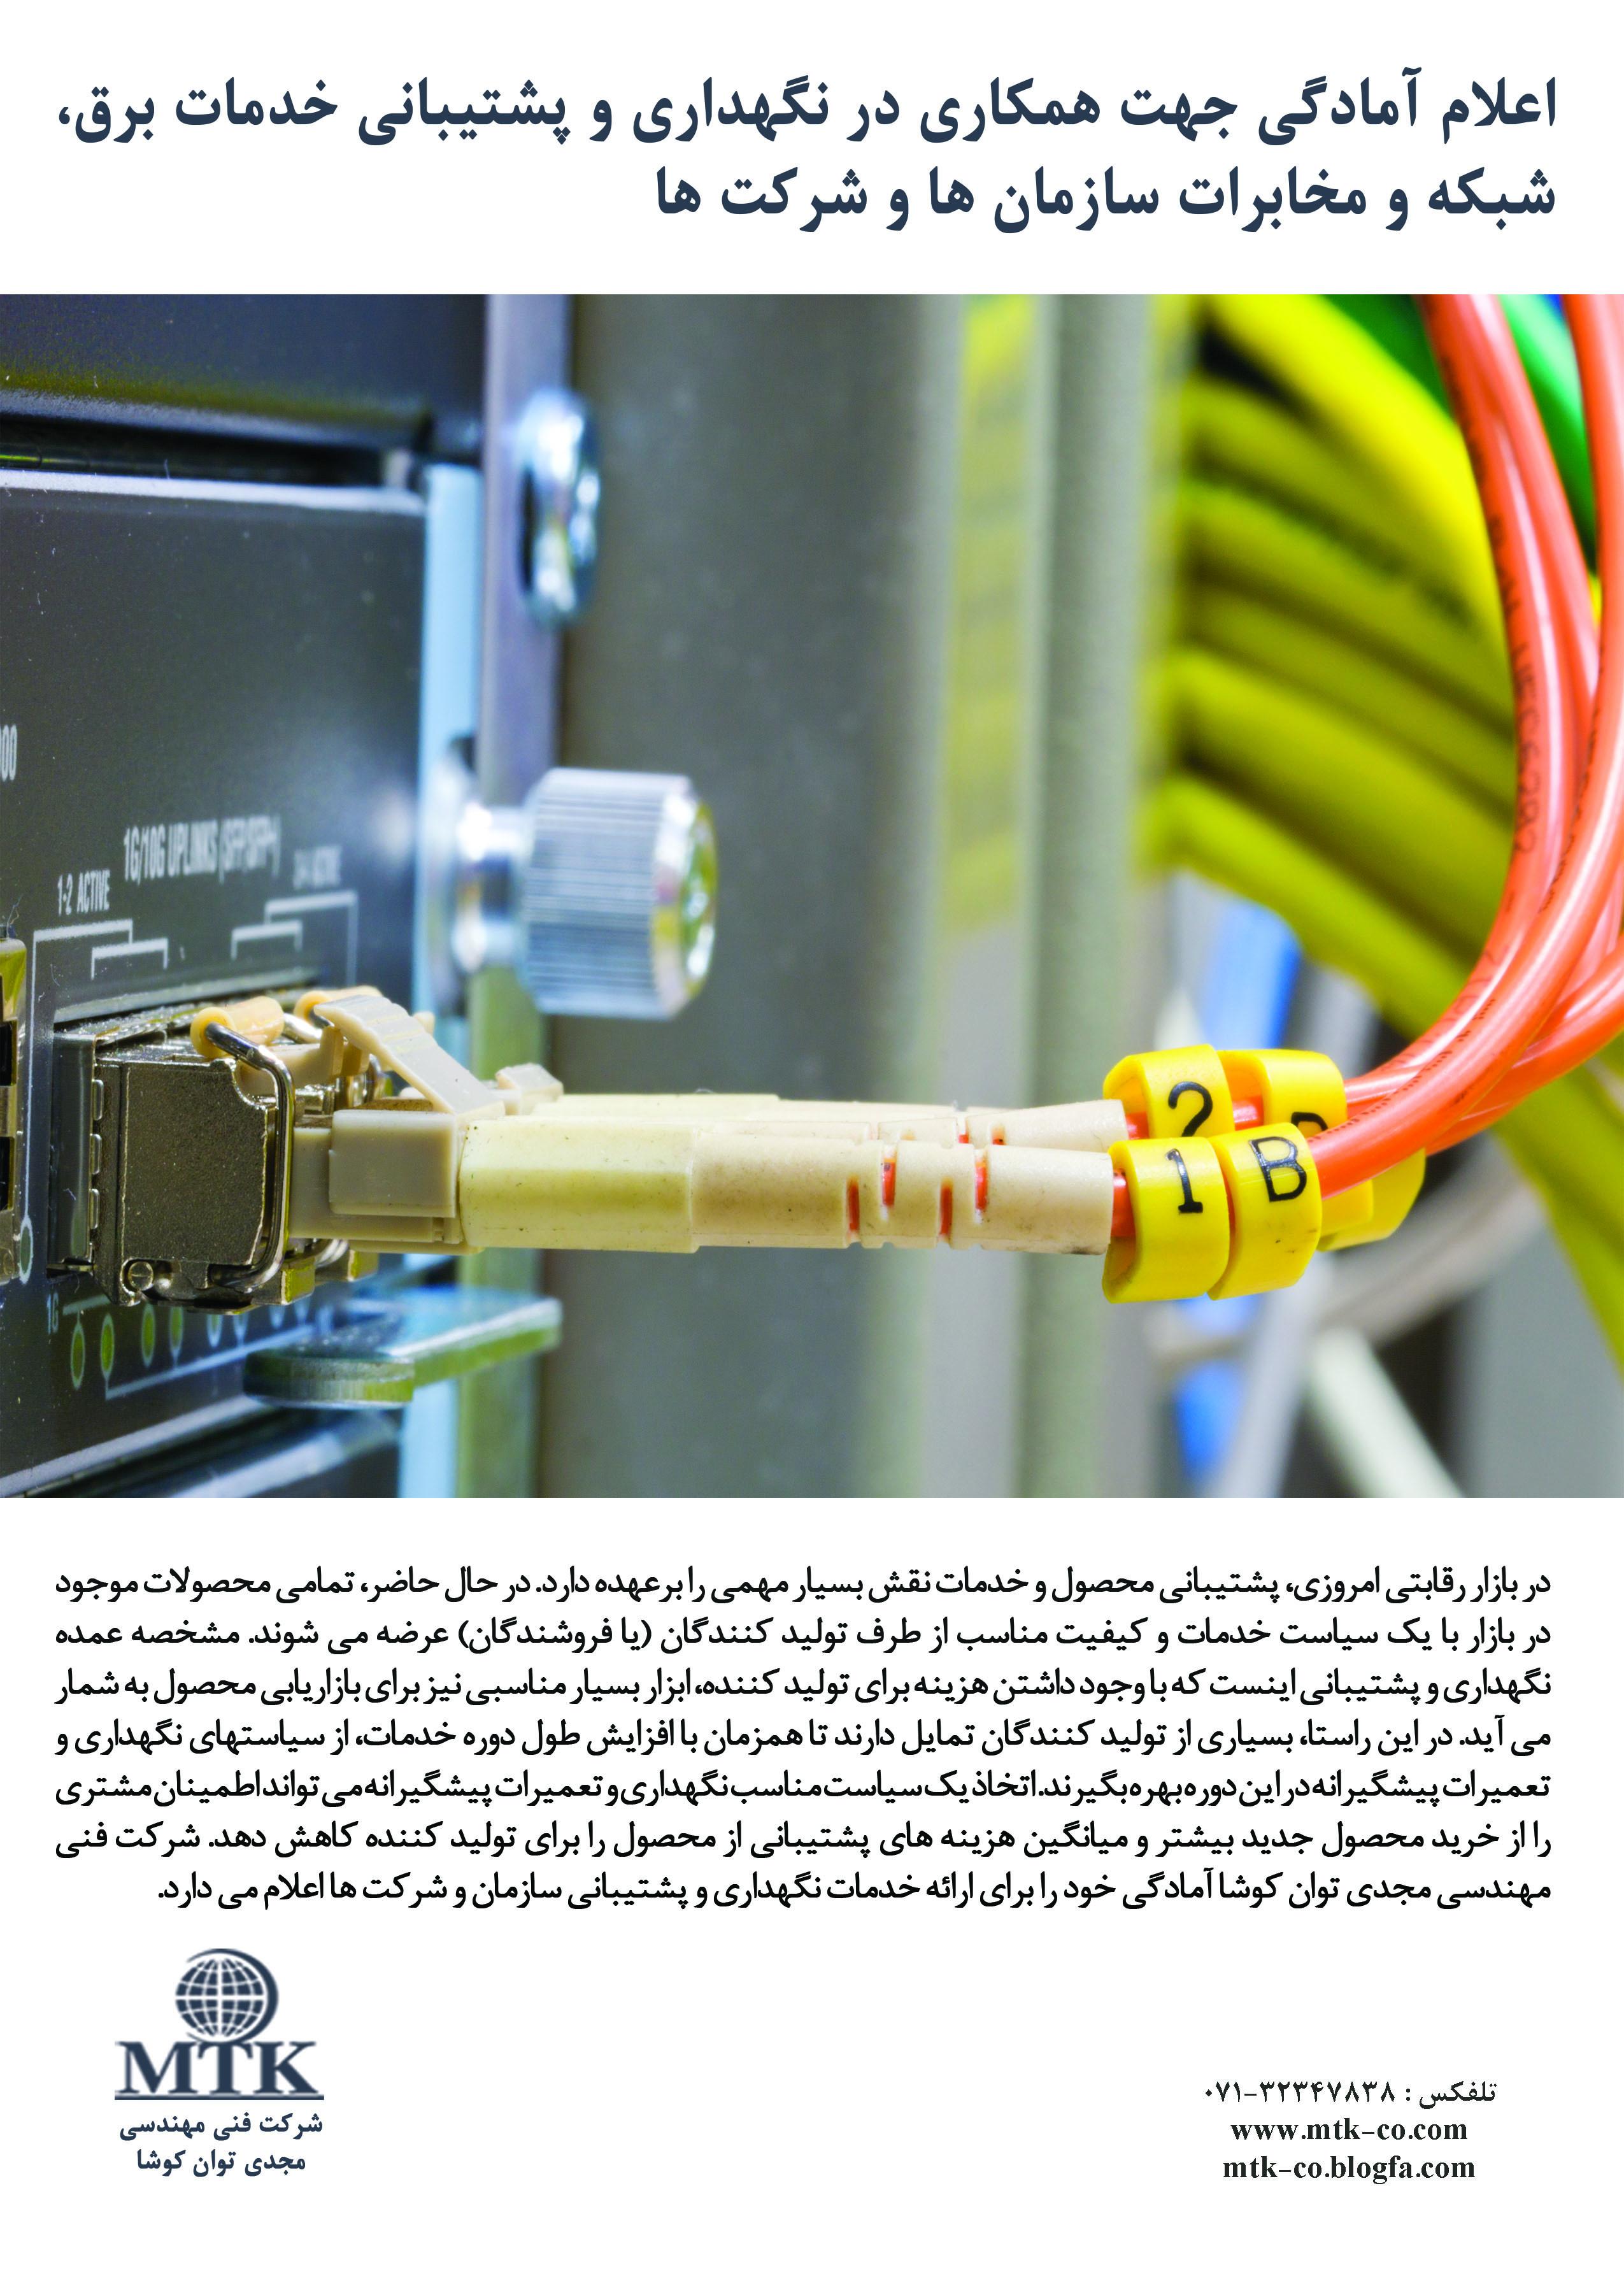 شرکت فنی مهندسی مجدی توان کوشا (MTK) - ارائه خدمات شبکه و مرکز ...برچسبها: اتاق برق, اتاق مخابرات, اتاق سرور, مخابرات, سرور